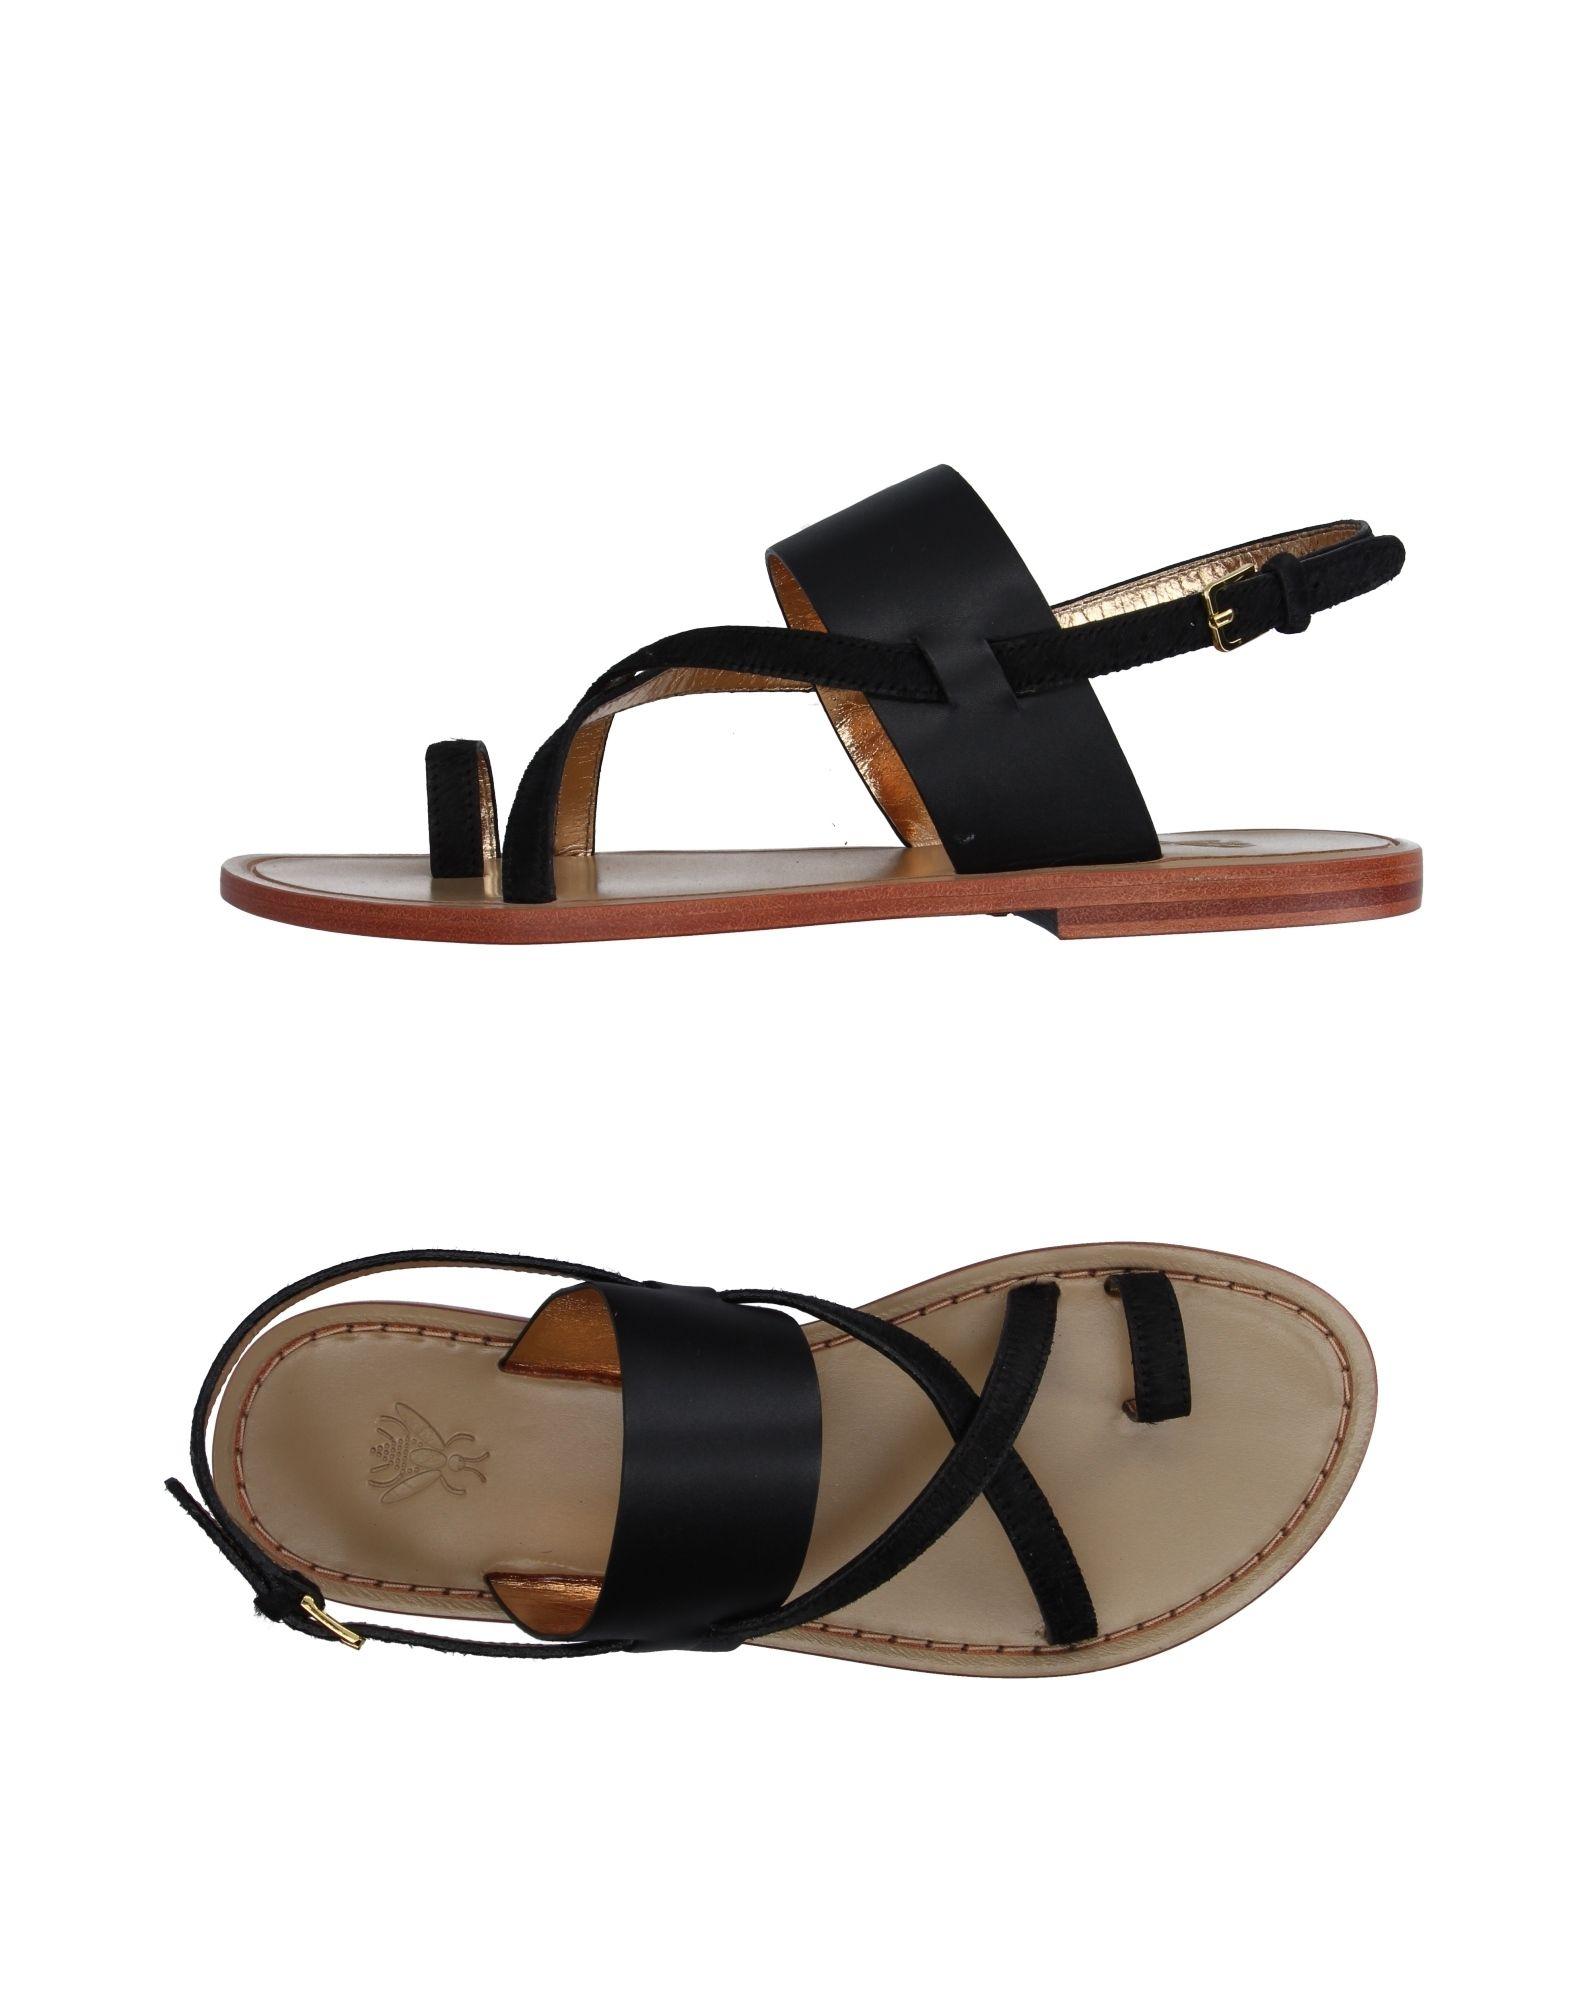 Sanchita Dianetten Damen  11156857ON Gute Qualität beliebte Schuhe